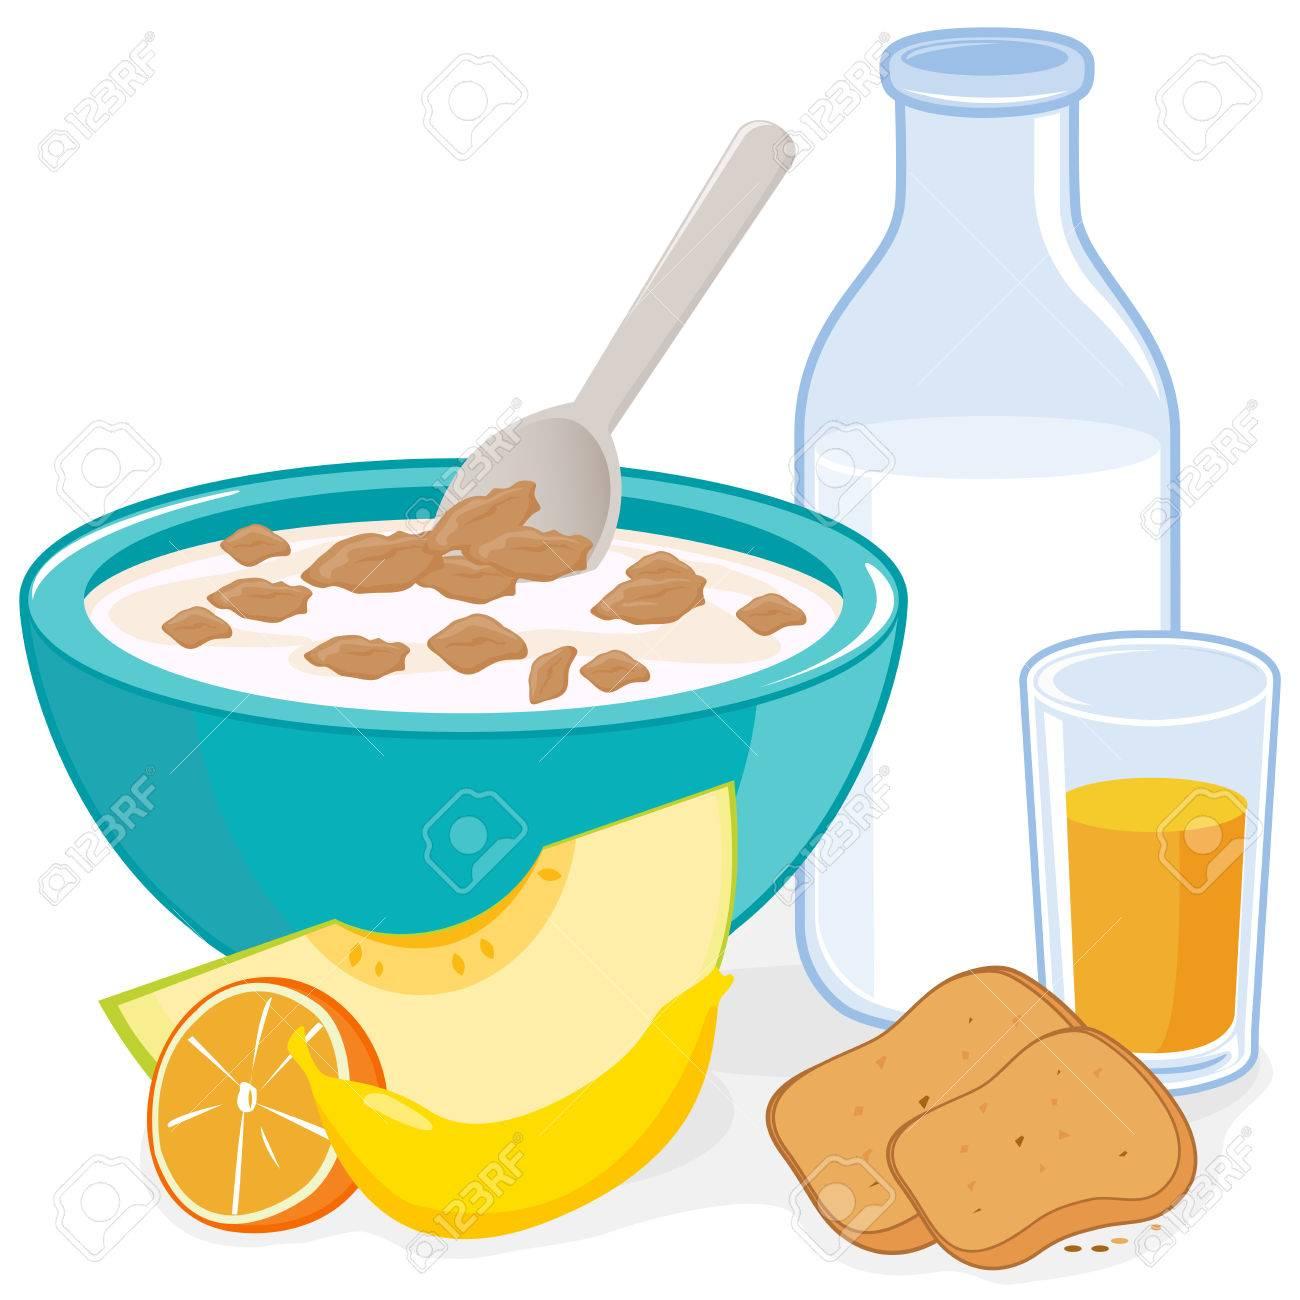 Desayuno. Un tazón de cereales, botella de leche, zumo, tostadas y frutas.